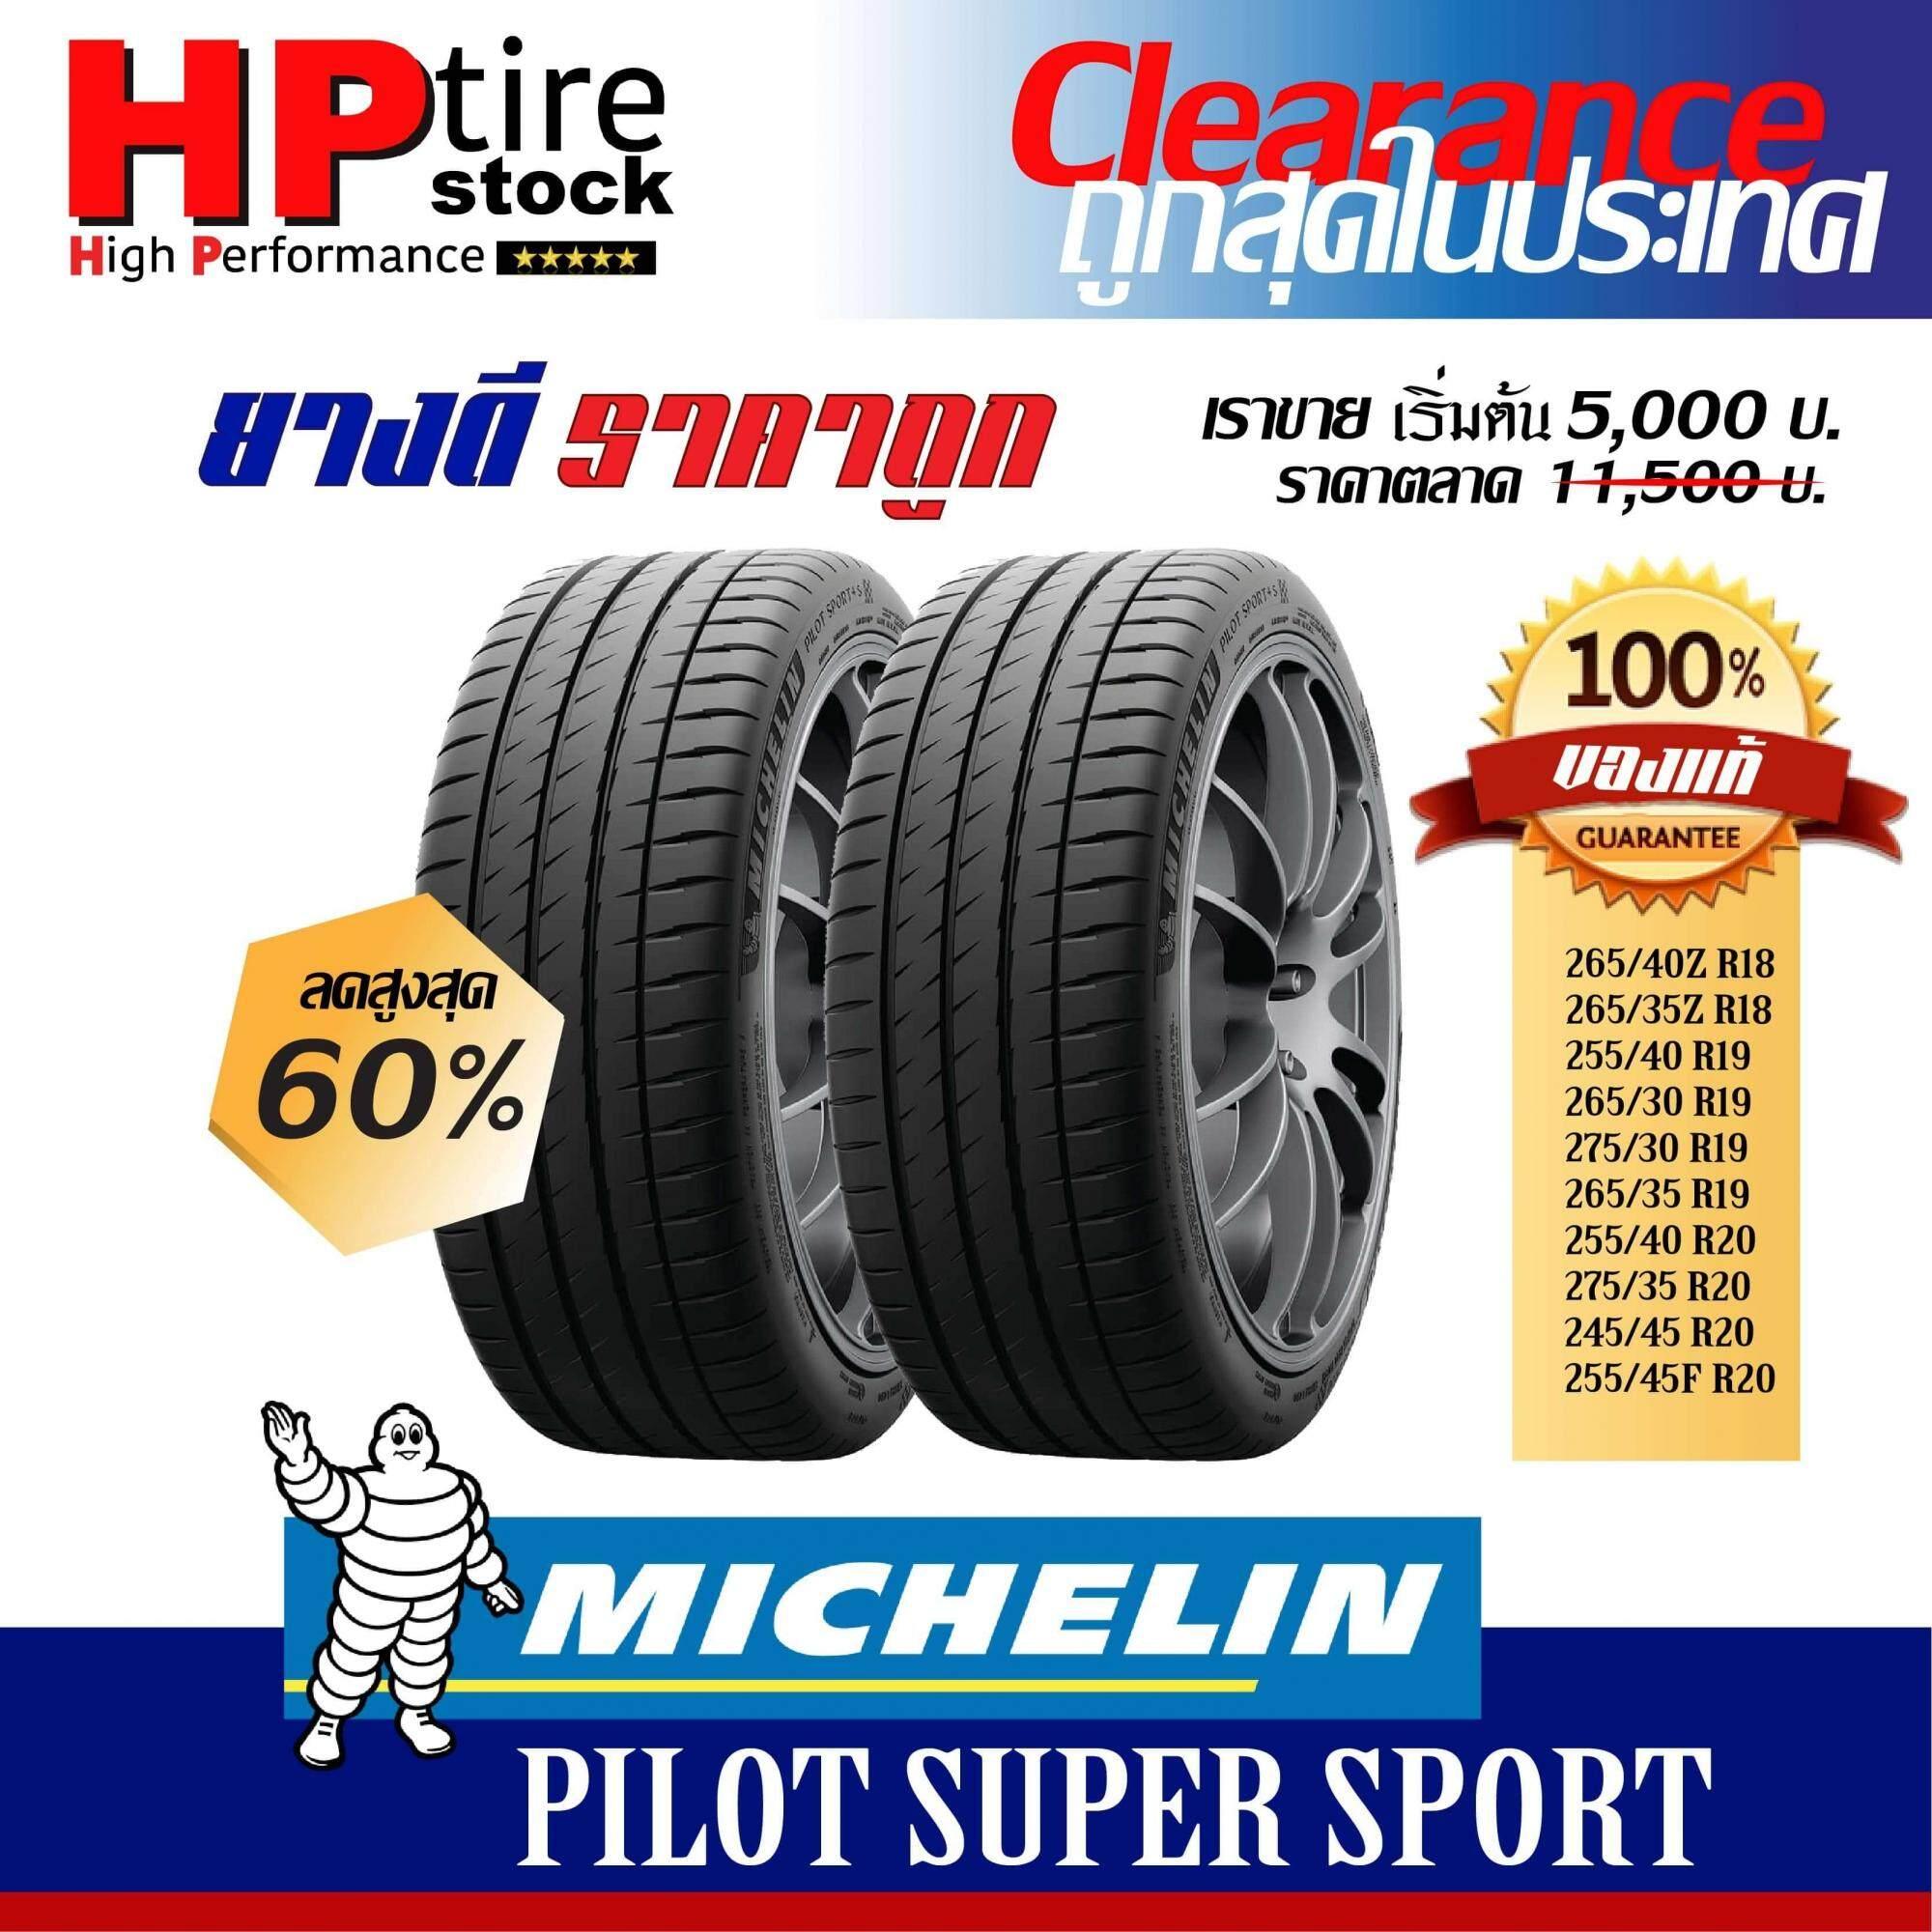 สระบุรี Michelin Pilot Super Sport มีหลายไซส์ 265/40ZR18 ยางรถยนต์ ยางมิชลินนำเข้า ของแท้ ถูกกว่าราคาตลาด